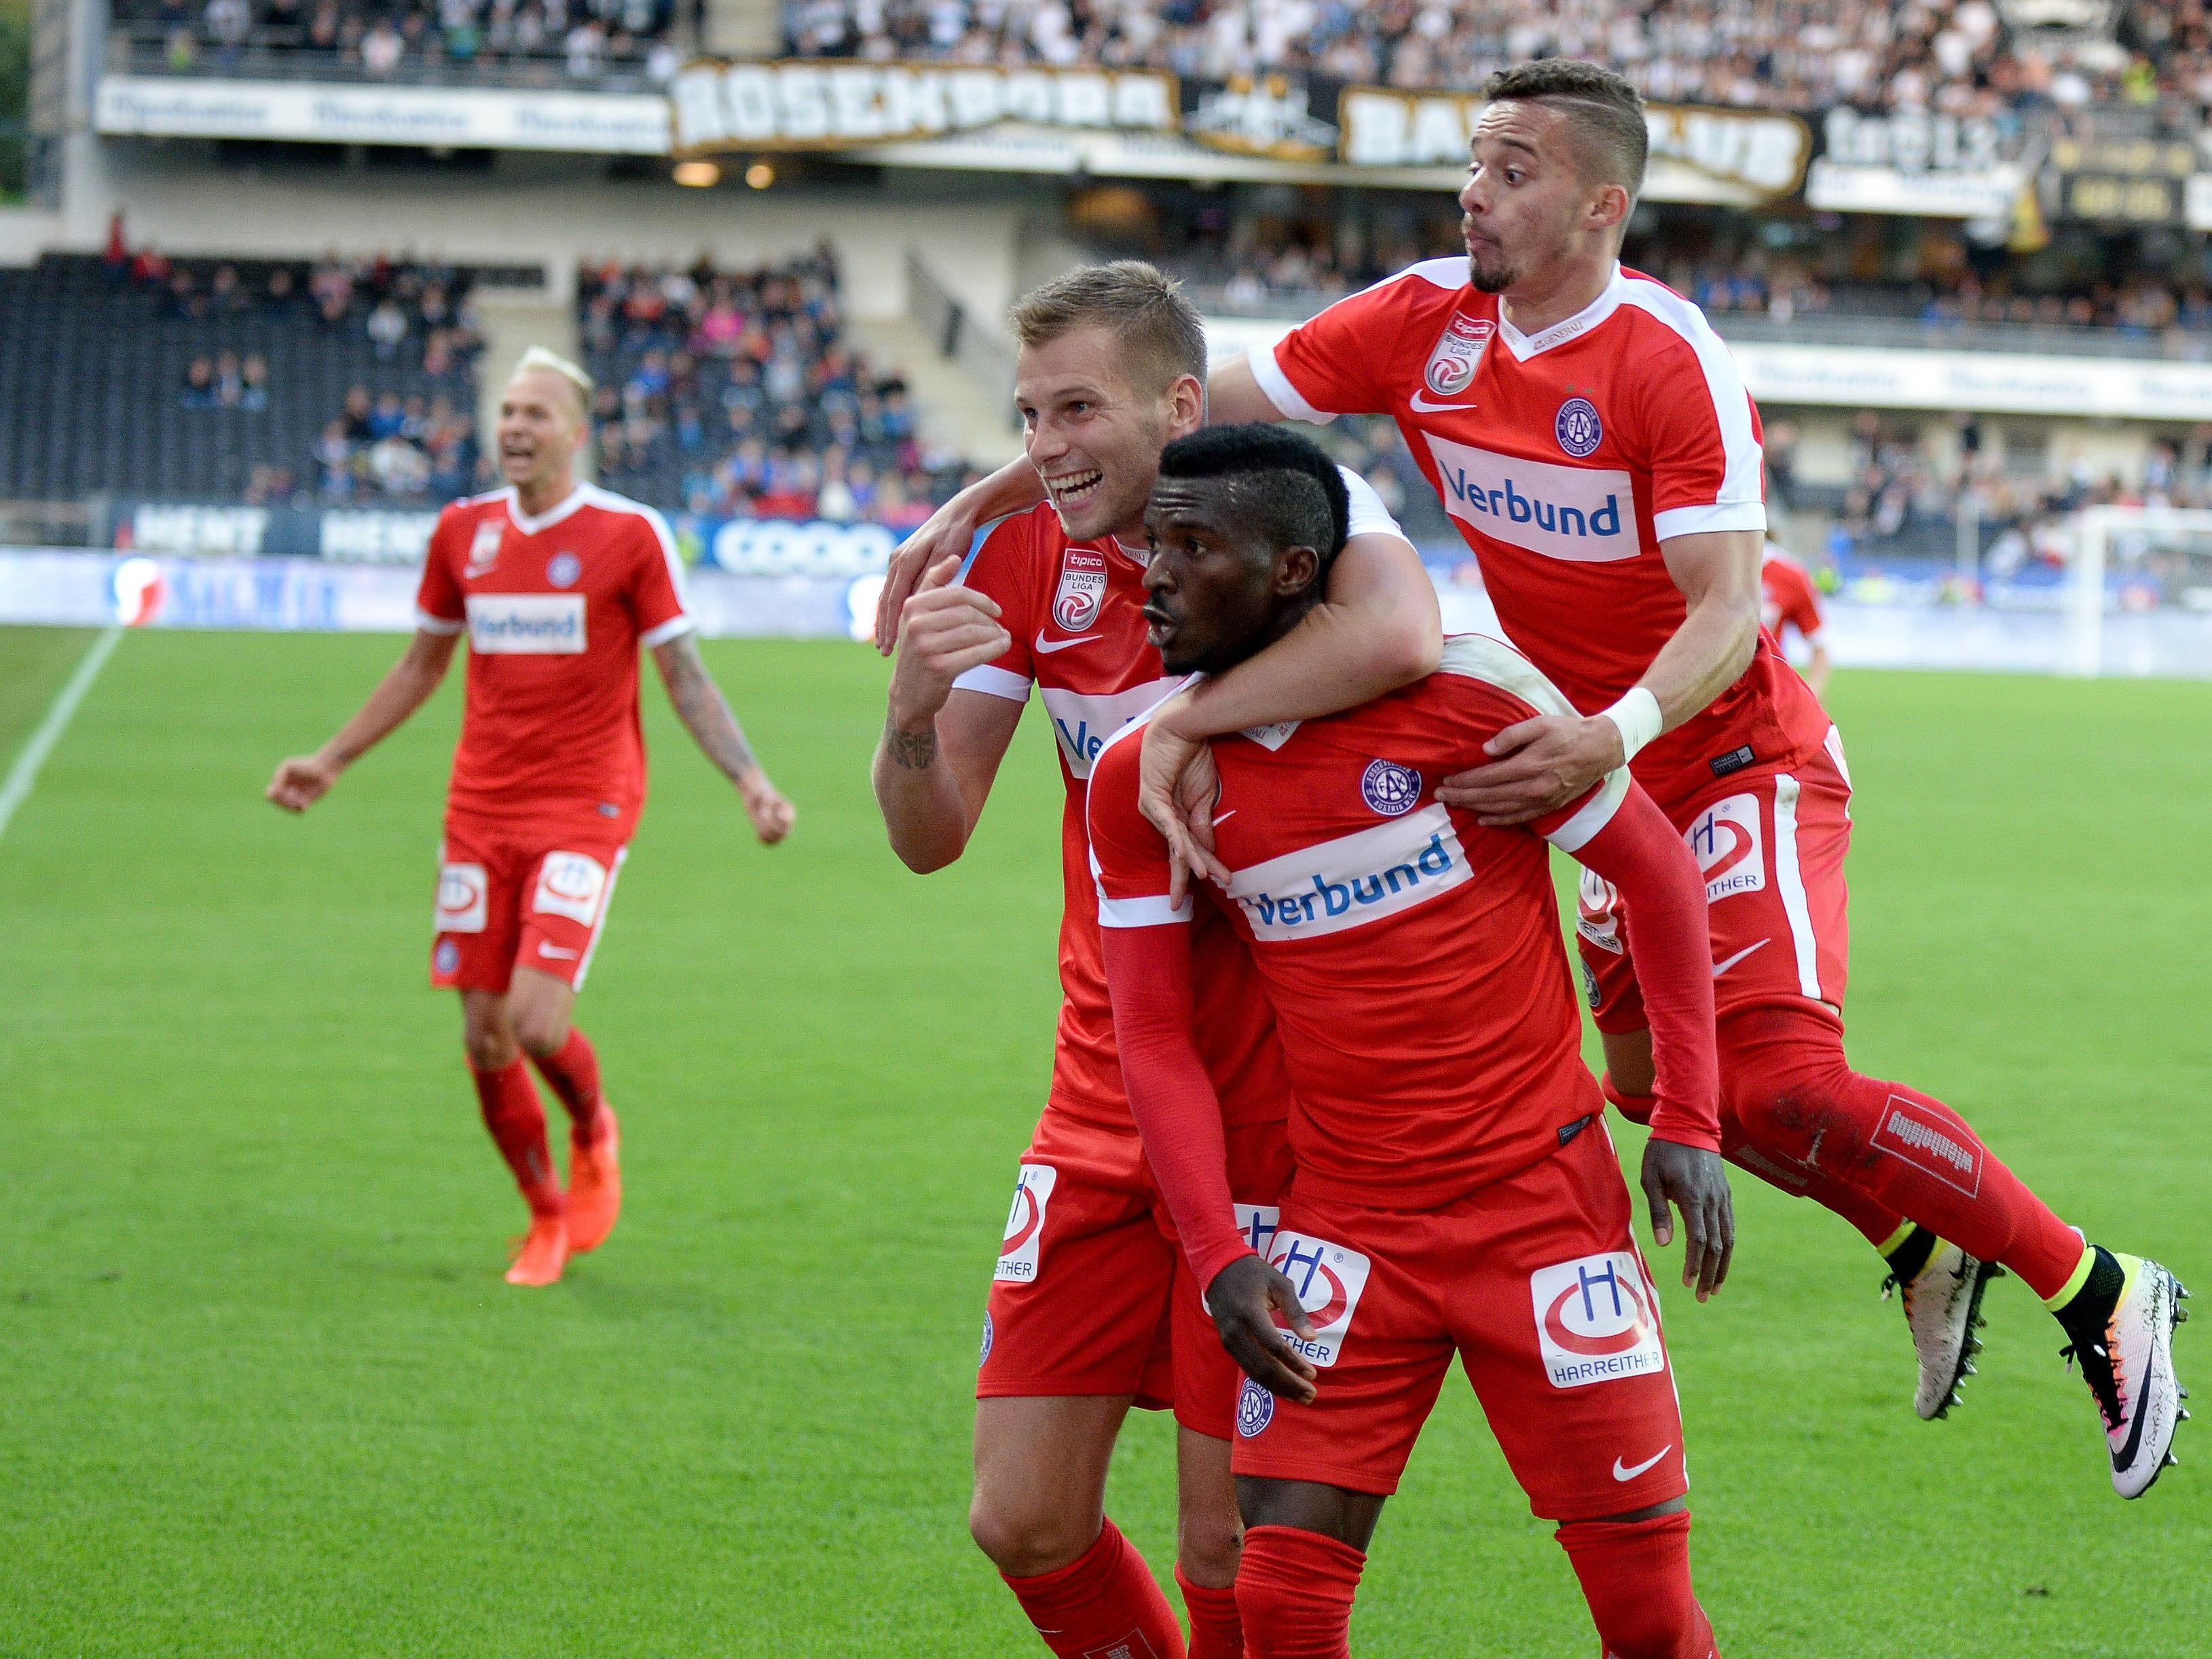 LIVE-Ticker zum Spiel SV Ried gegen FK Austria Wien ab 19.00 Uhr.